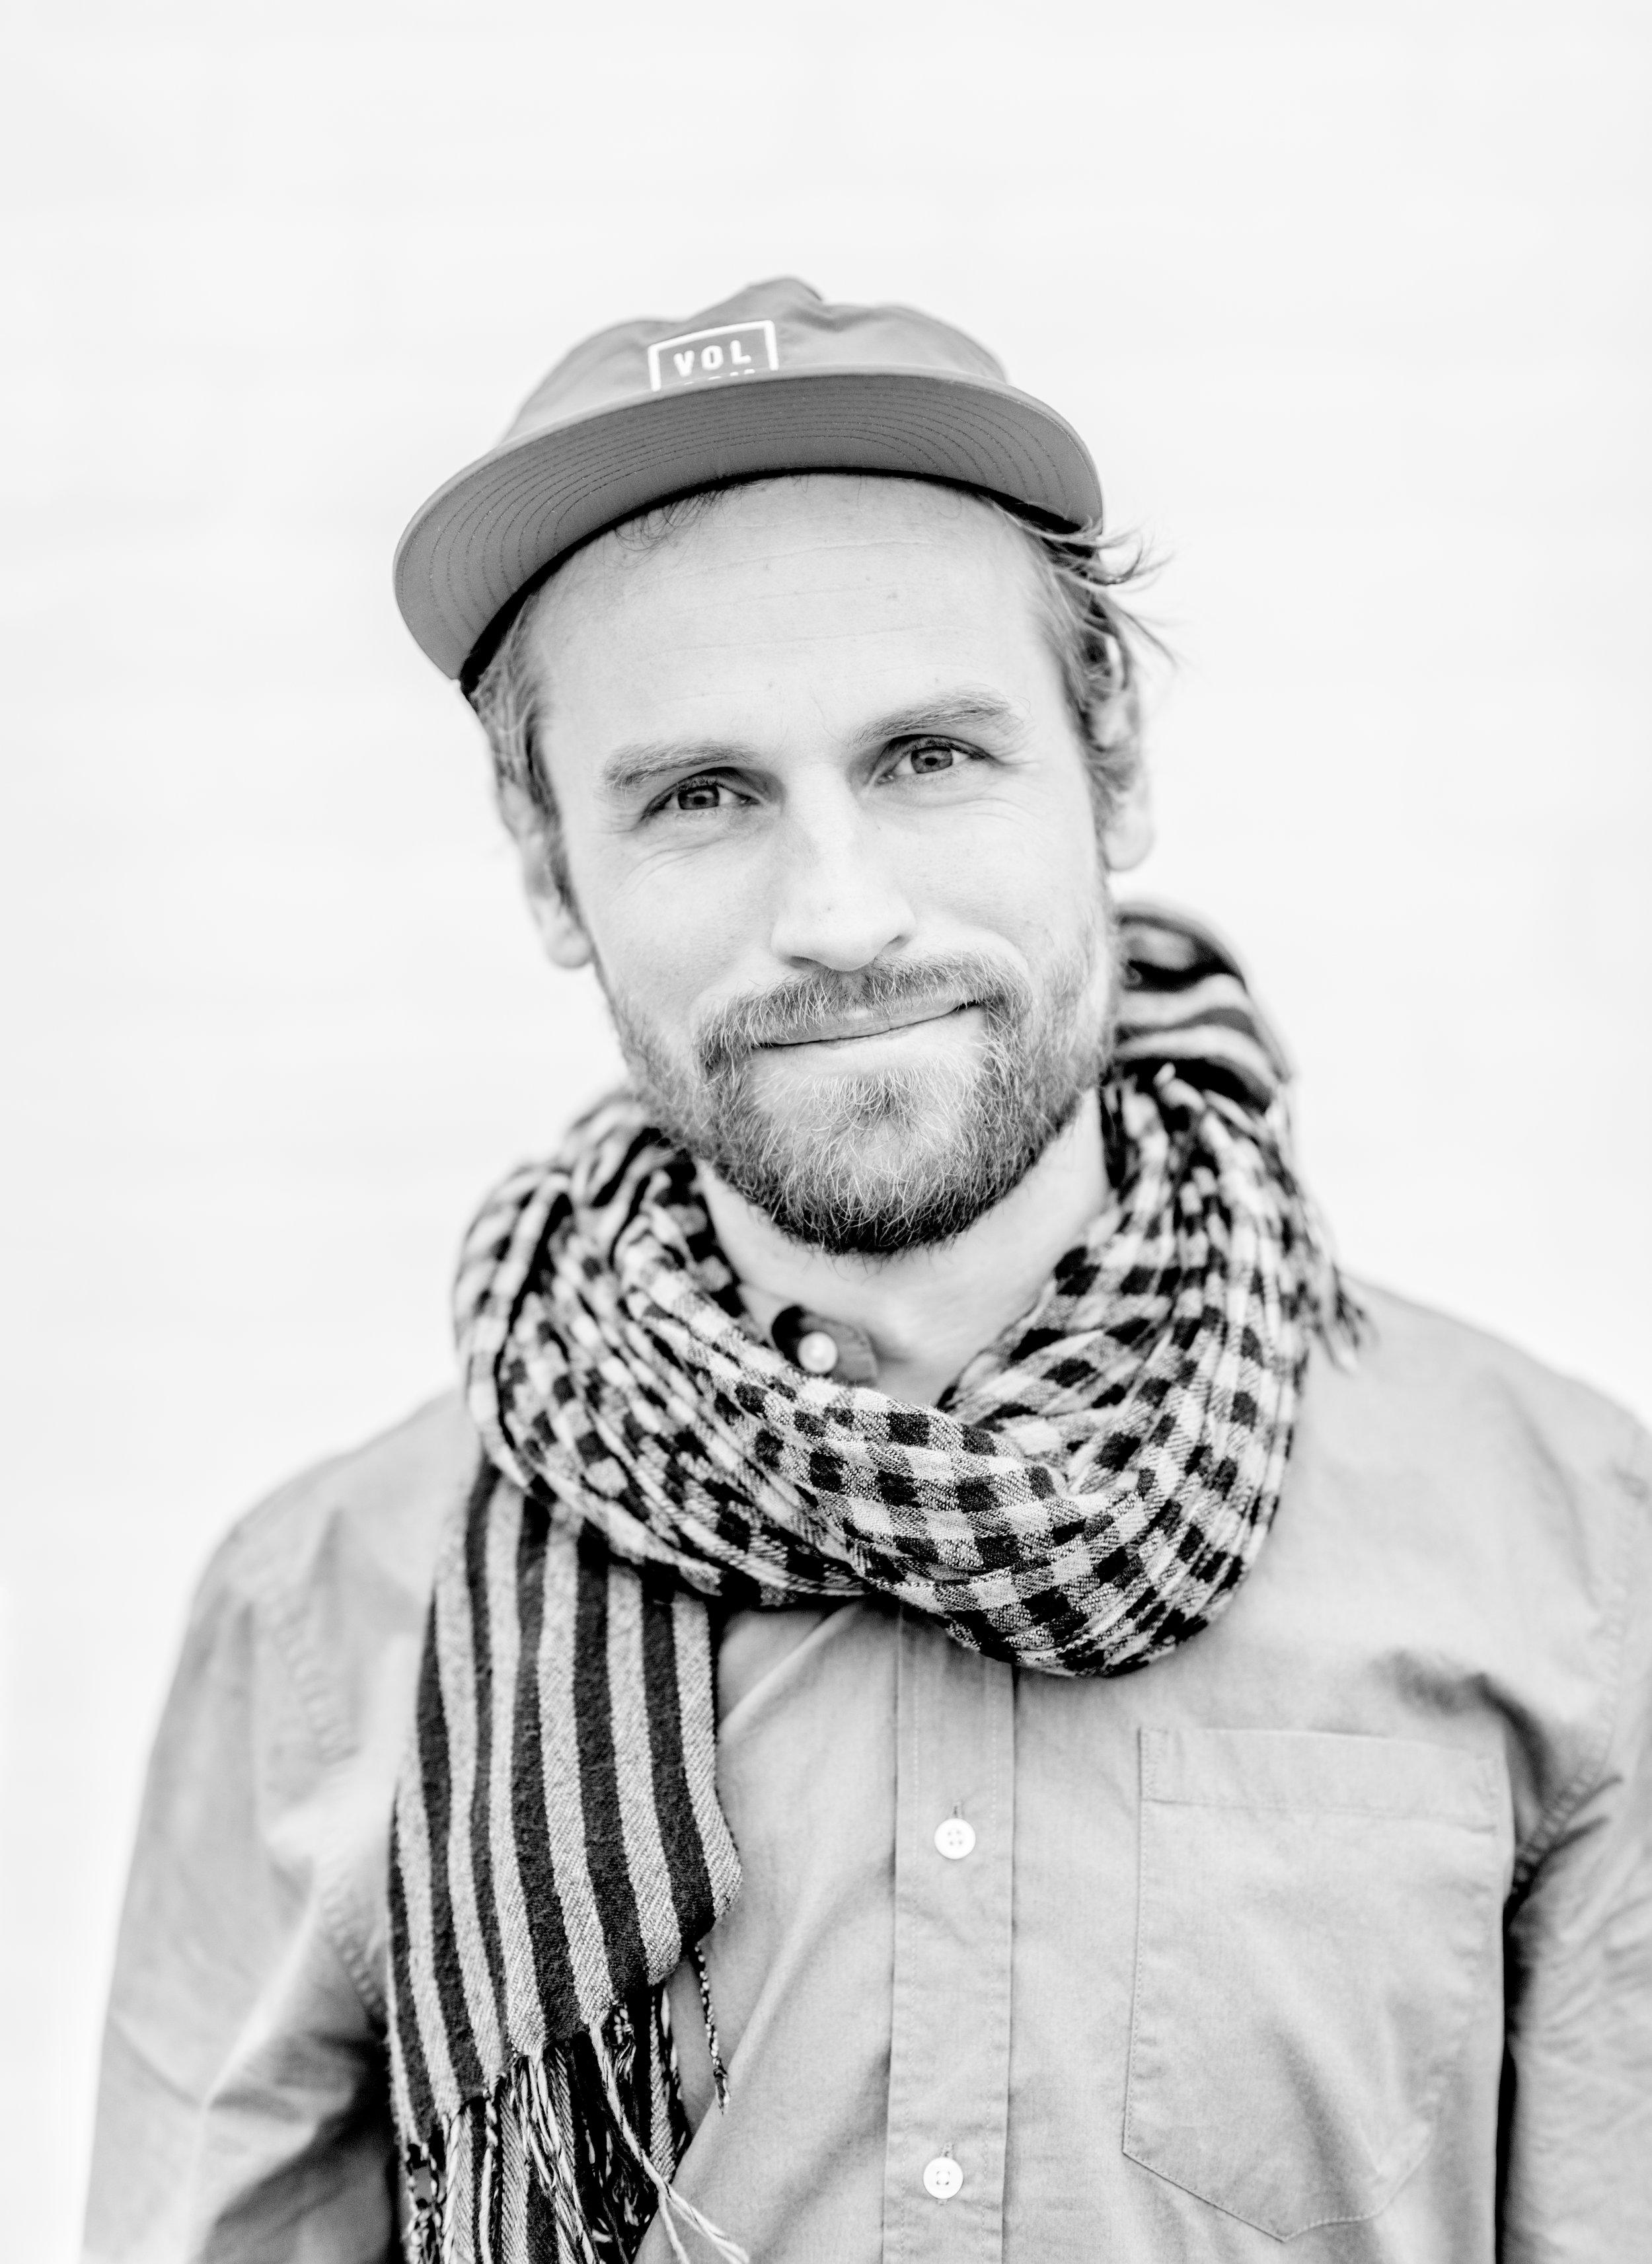 Anders Hastrup Knudsen.